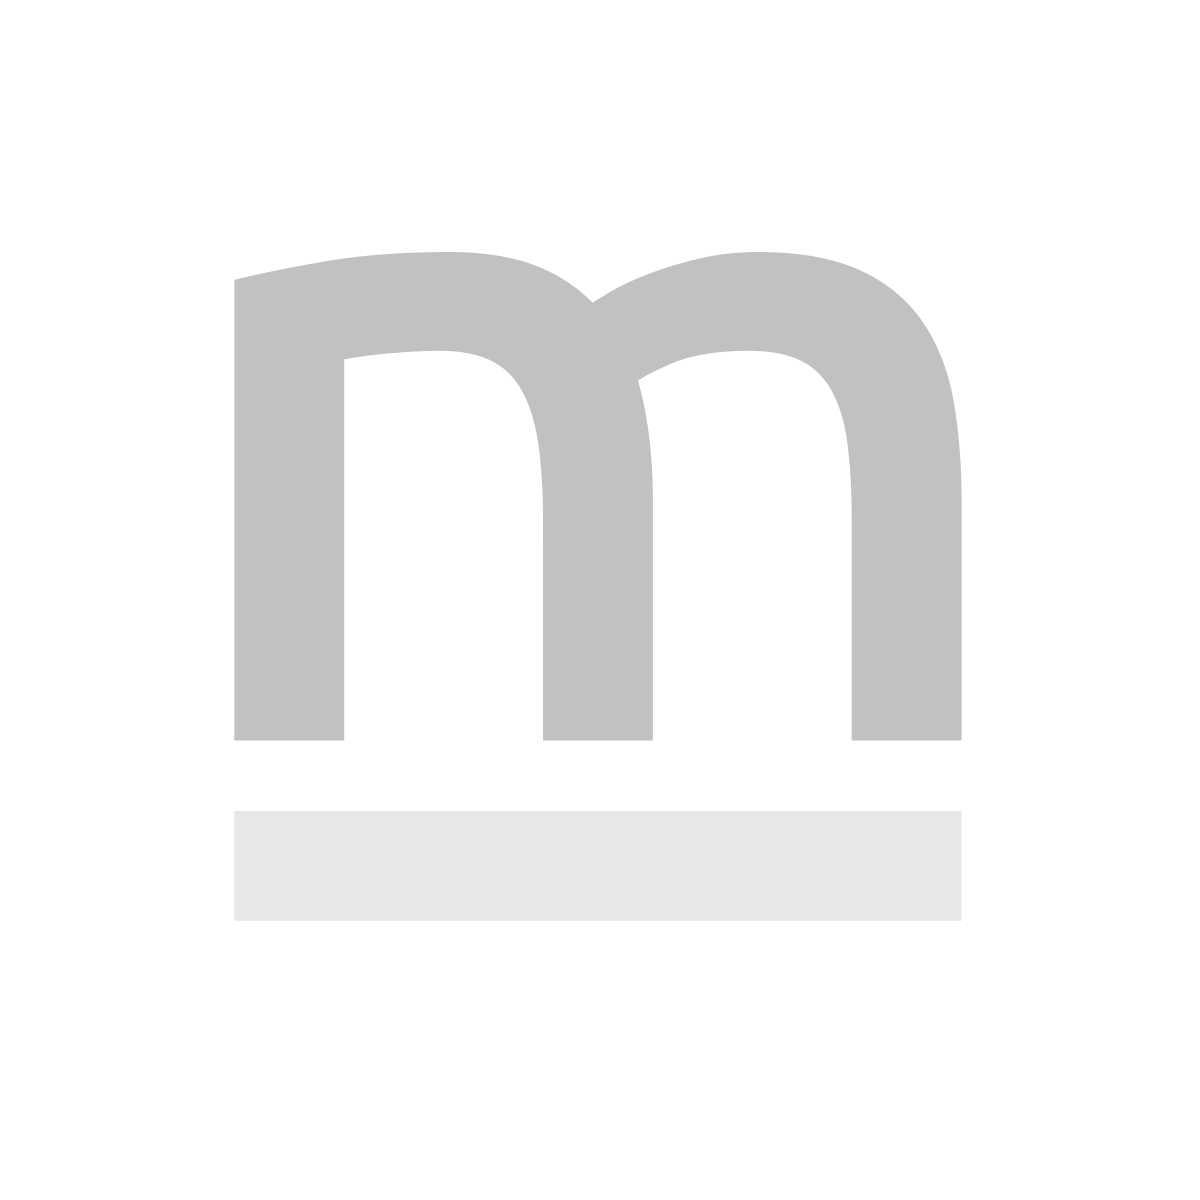 Obraz - Pokryte złotem (3-częściowy)